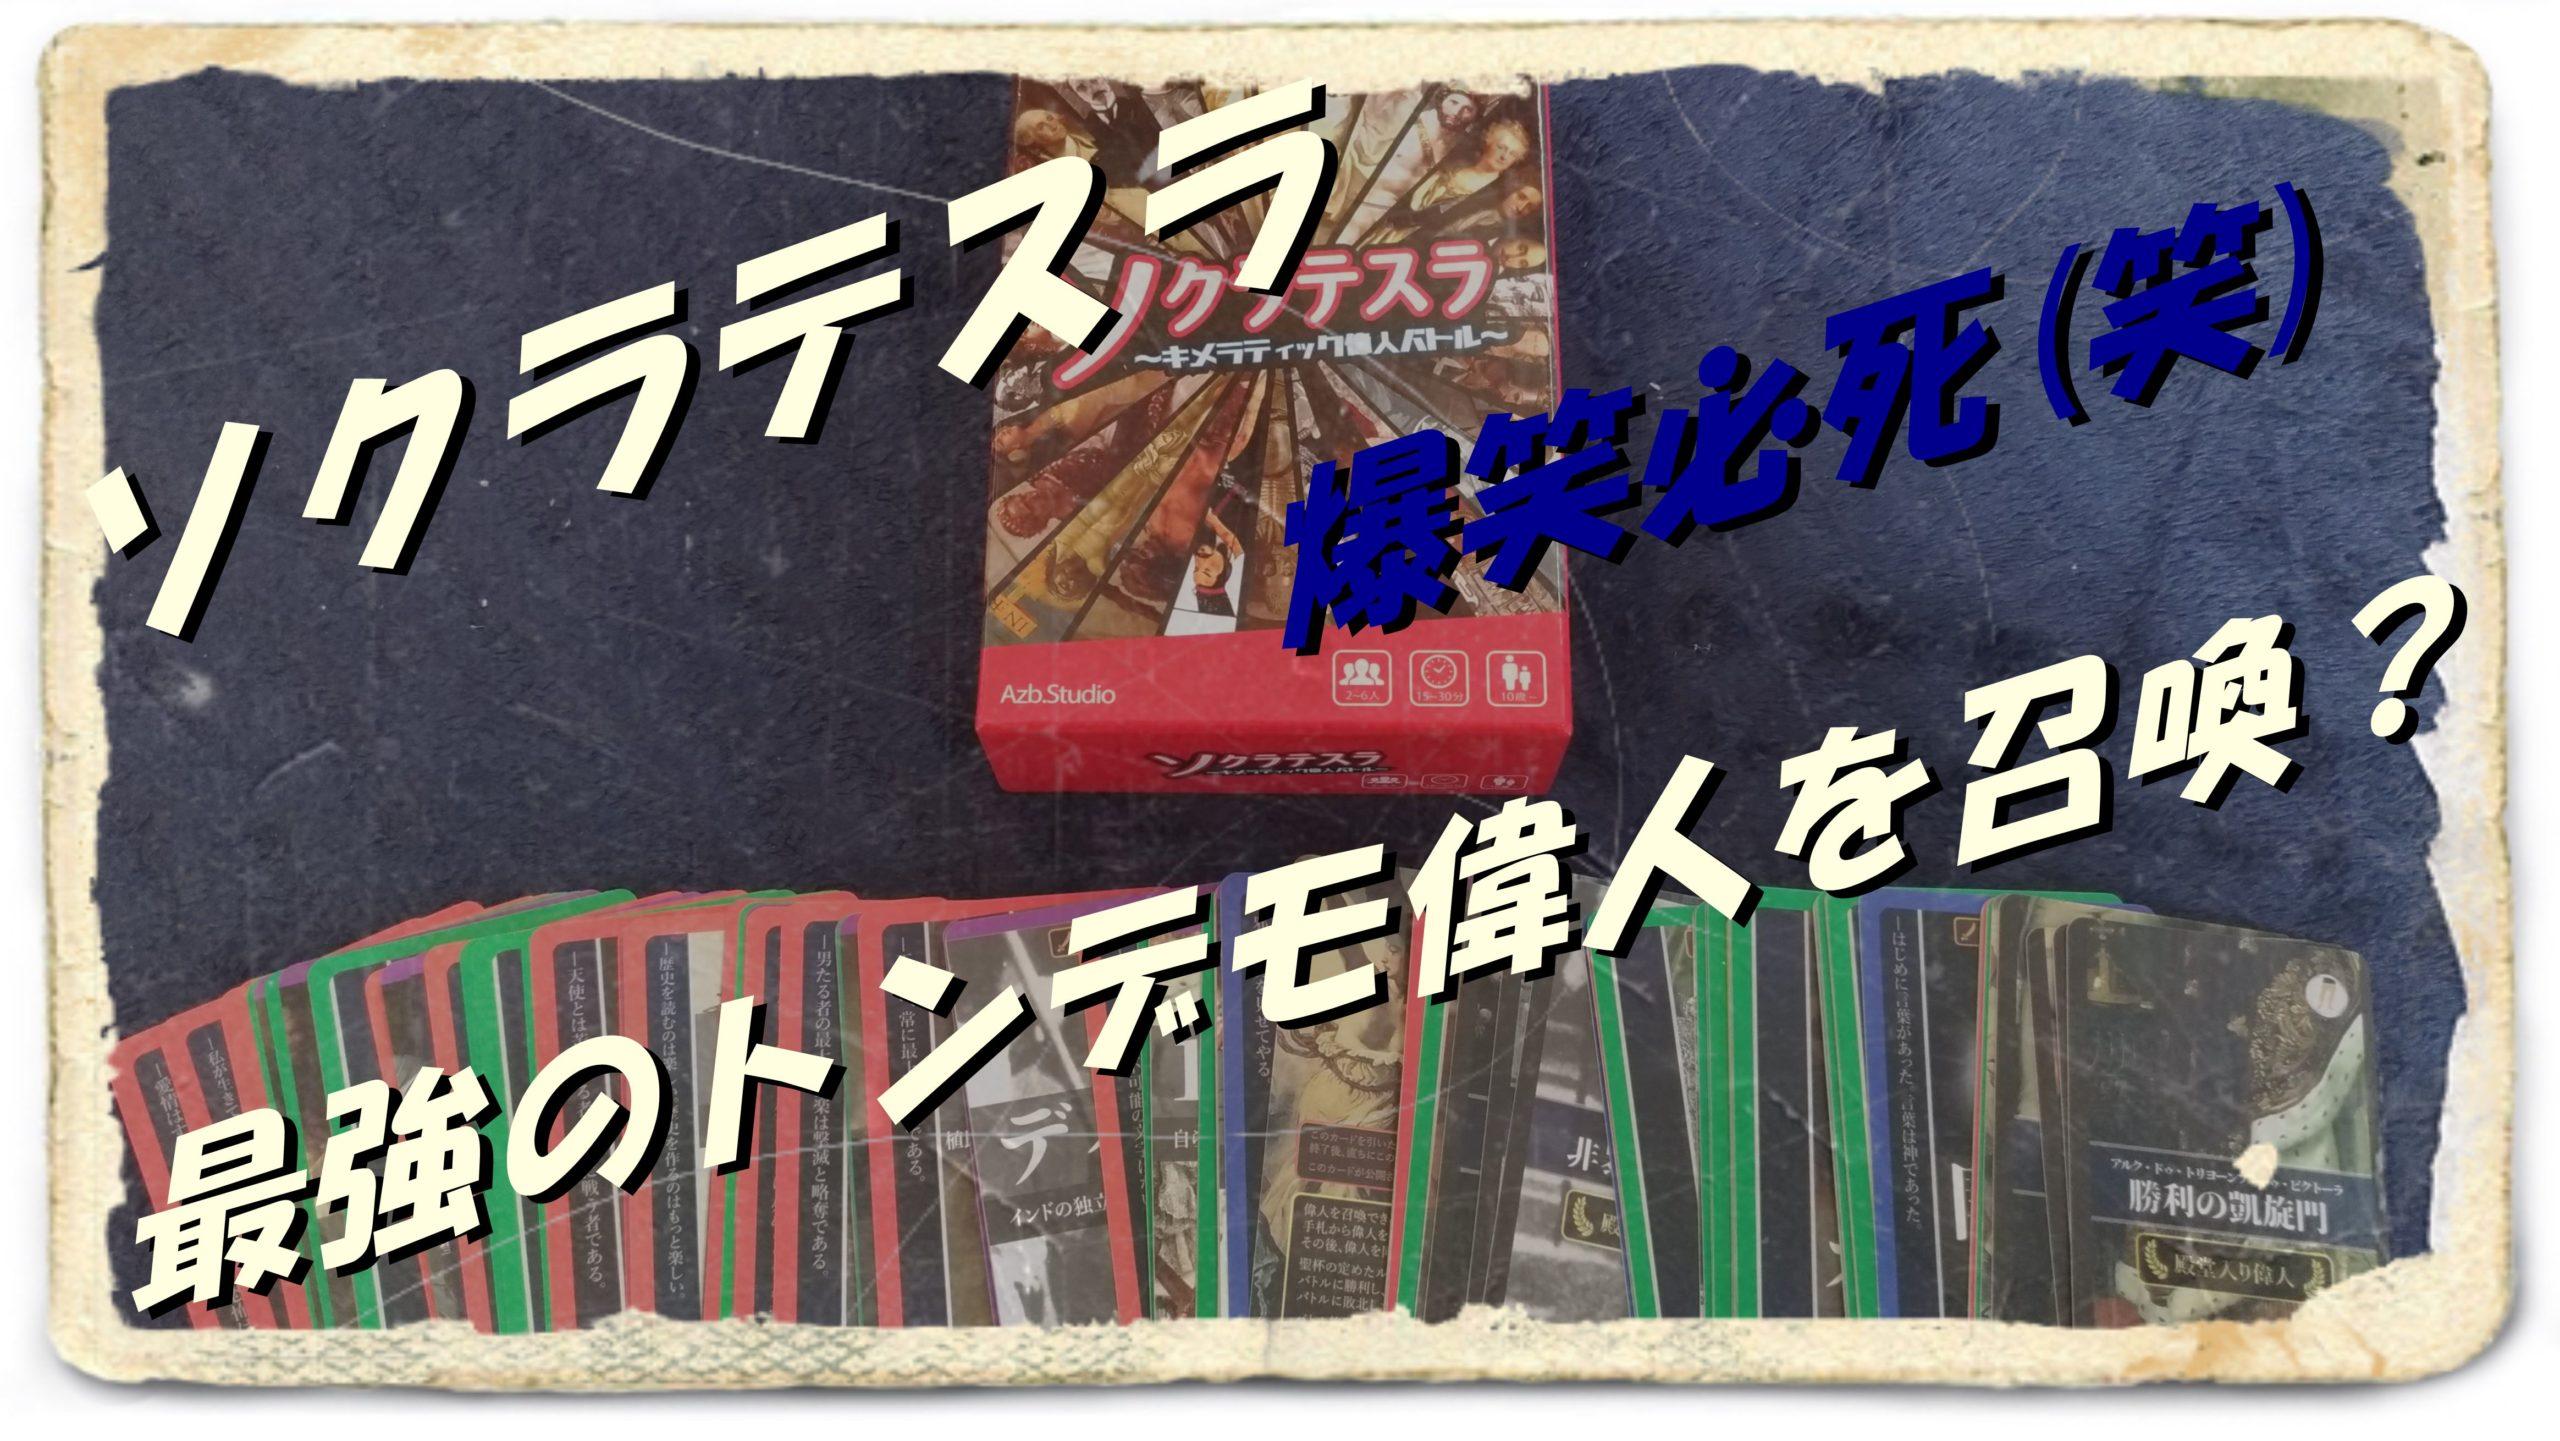 【ボドゲ紹介】ソクラテスラ~キメラティック偉人バトル~【ルール&レビュー】